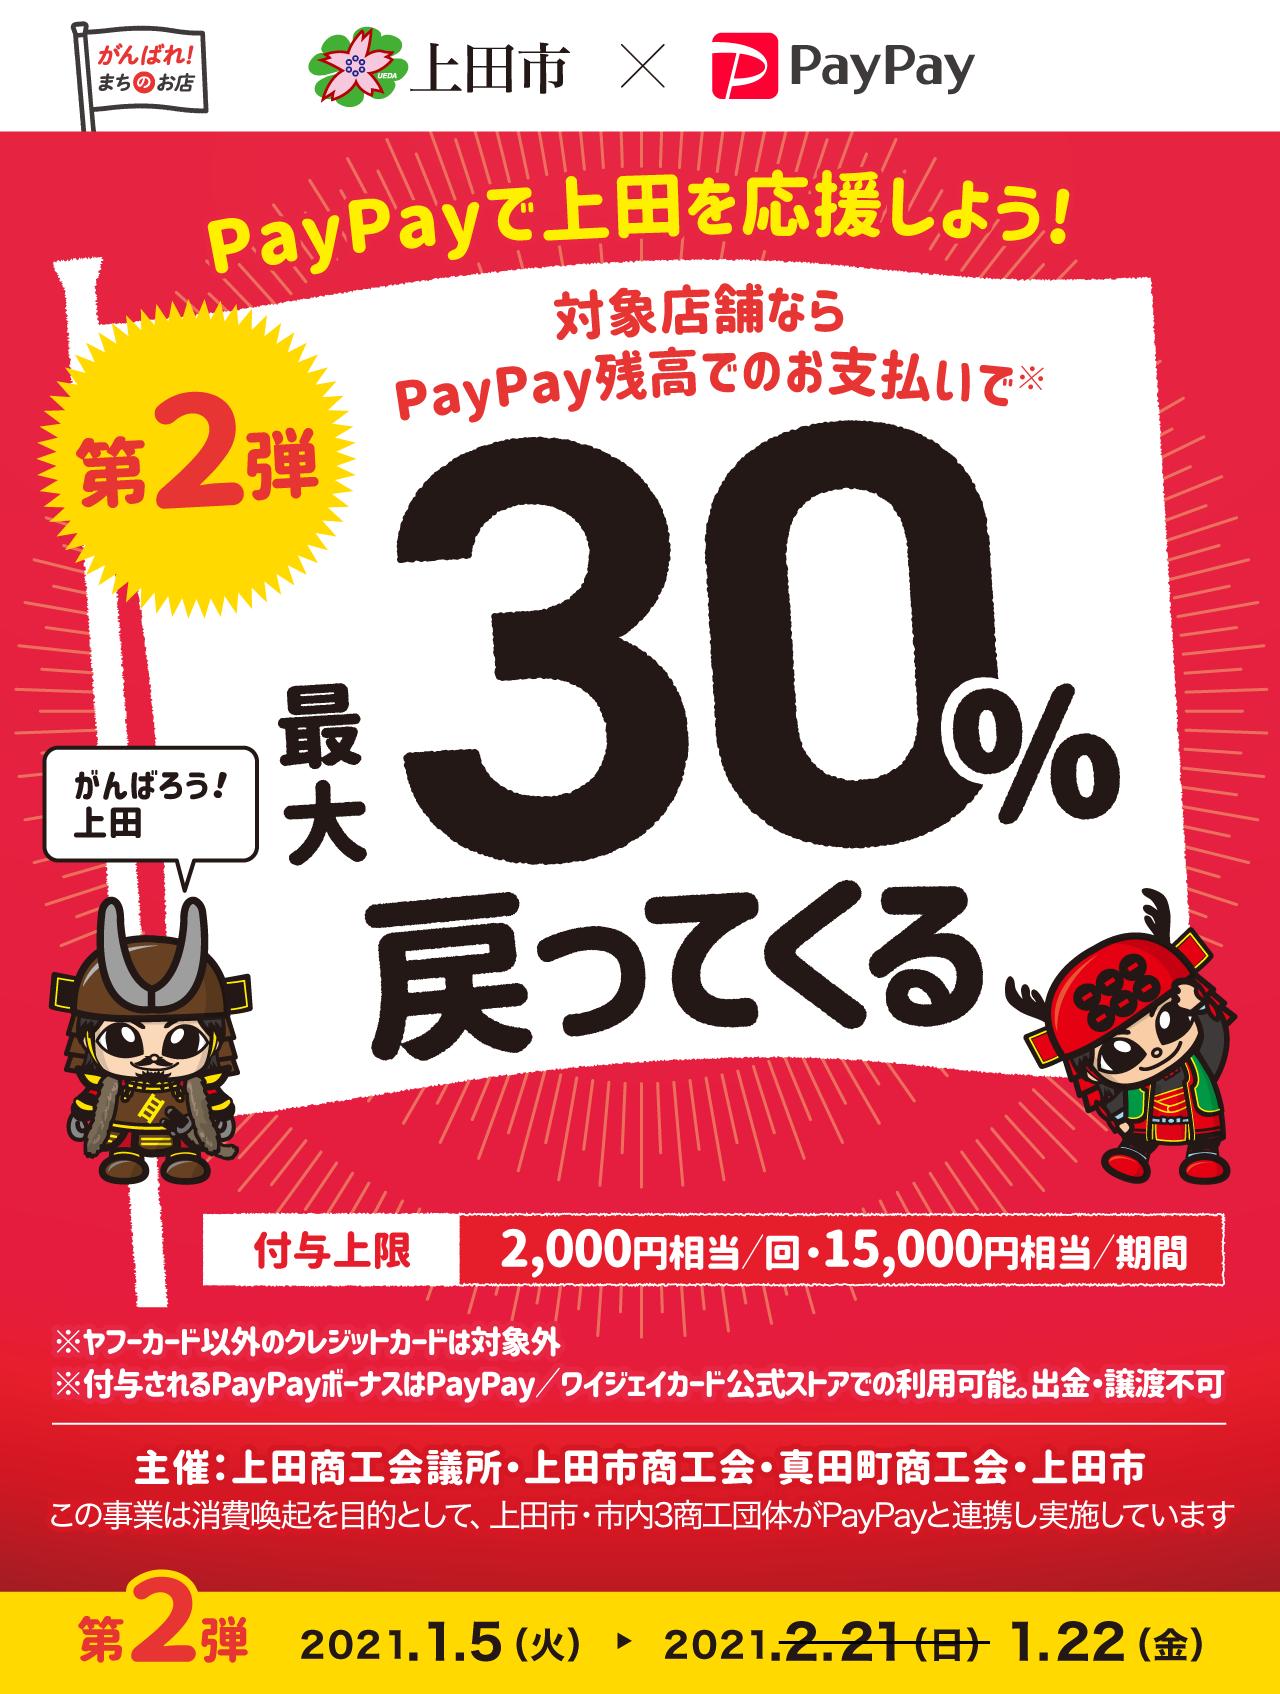 PayPayで上田を応援しよう! 第2弾 対象店舗ならPayPay残高でのお支払いで 最大30%戻ってくる